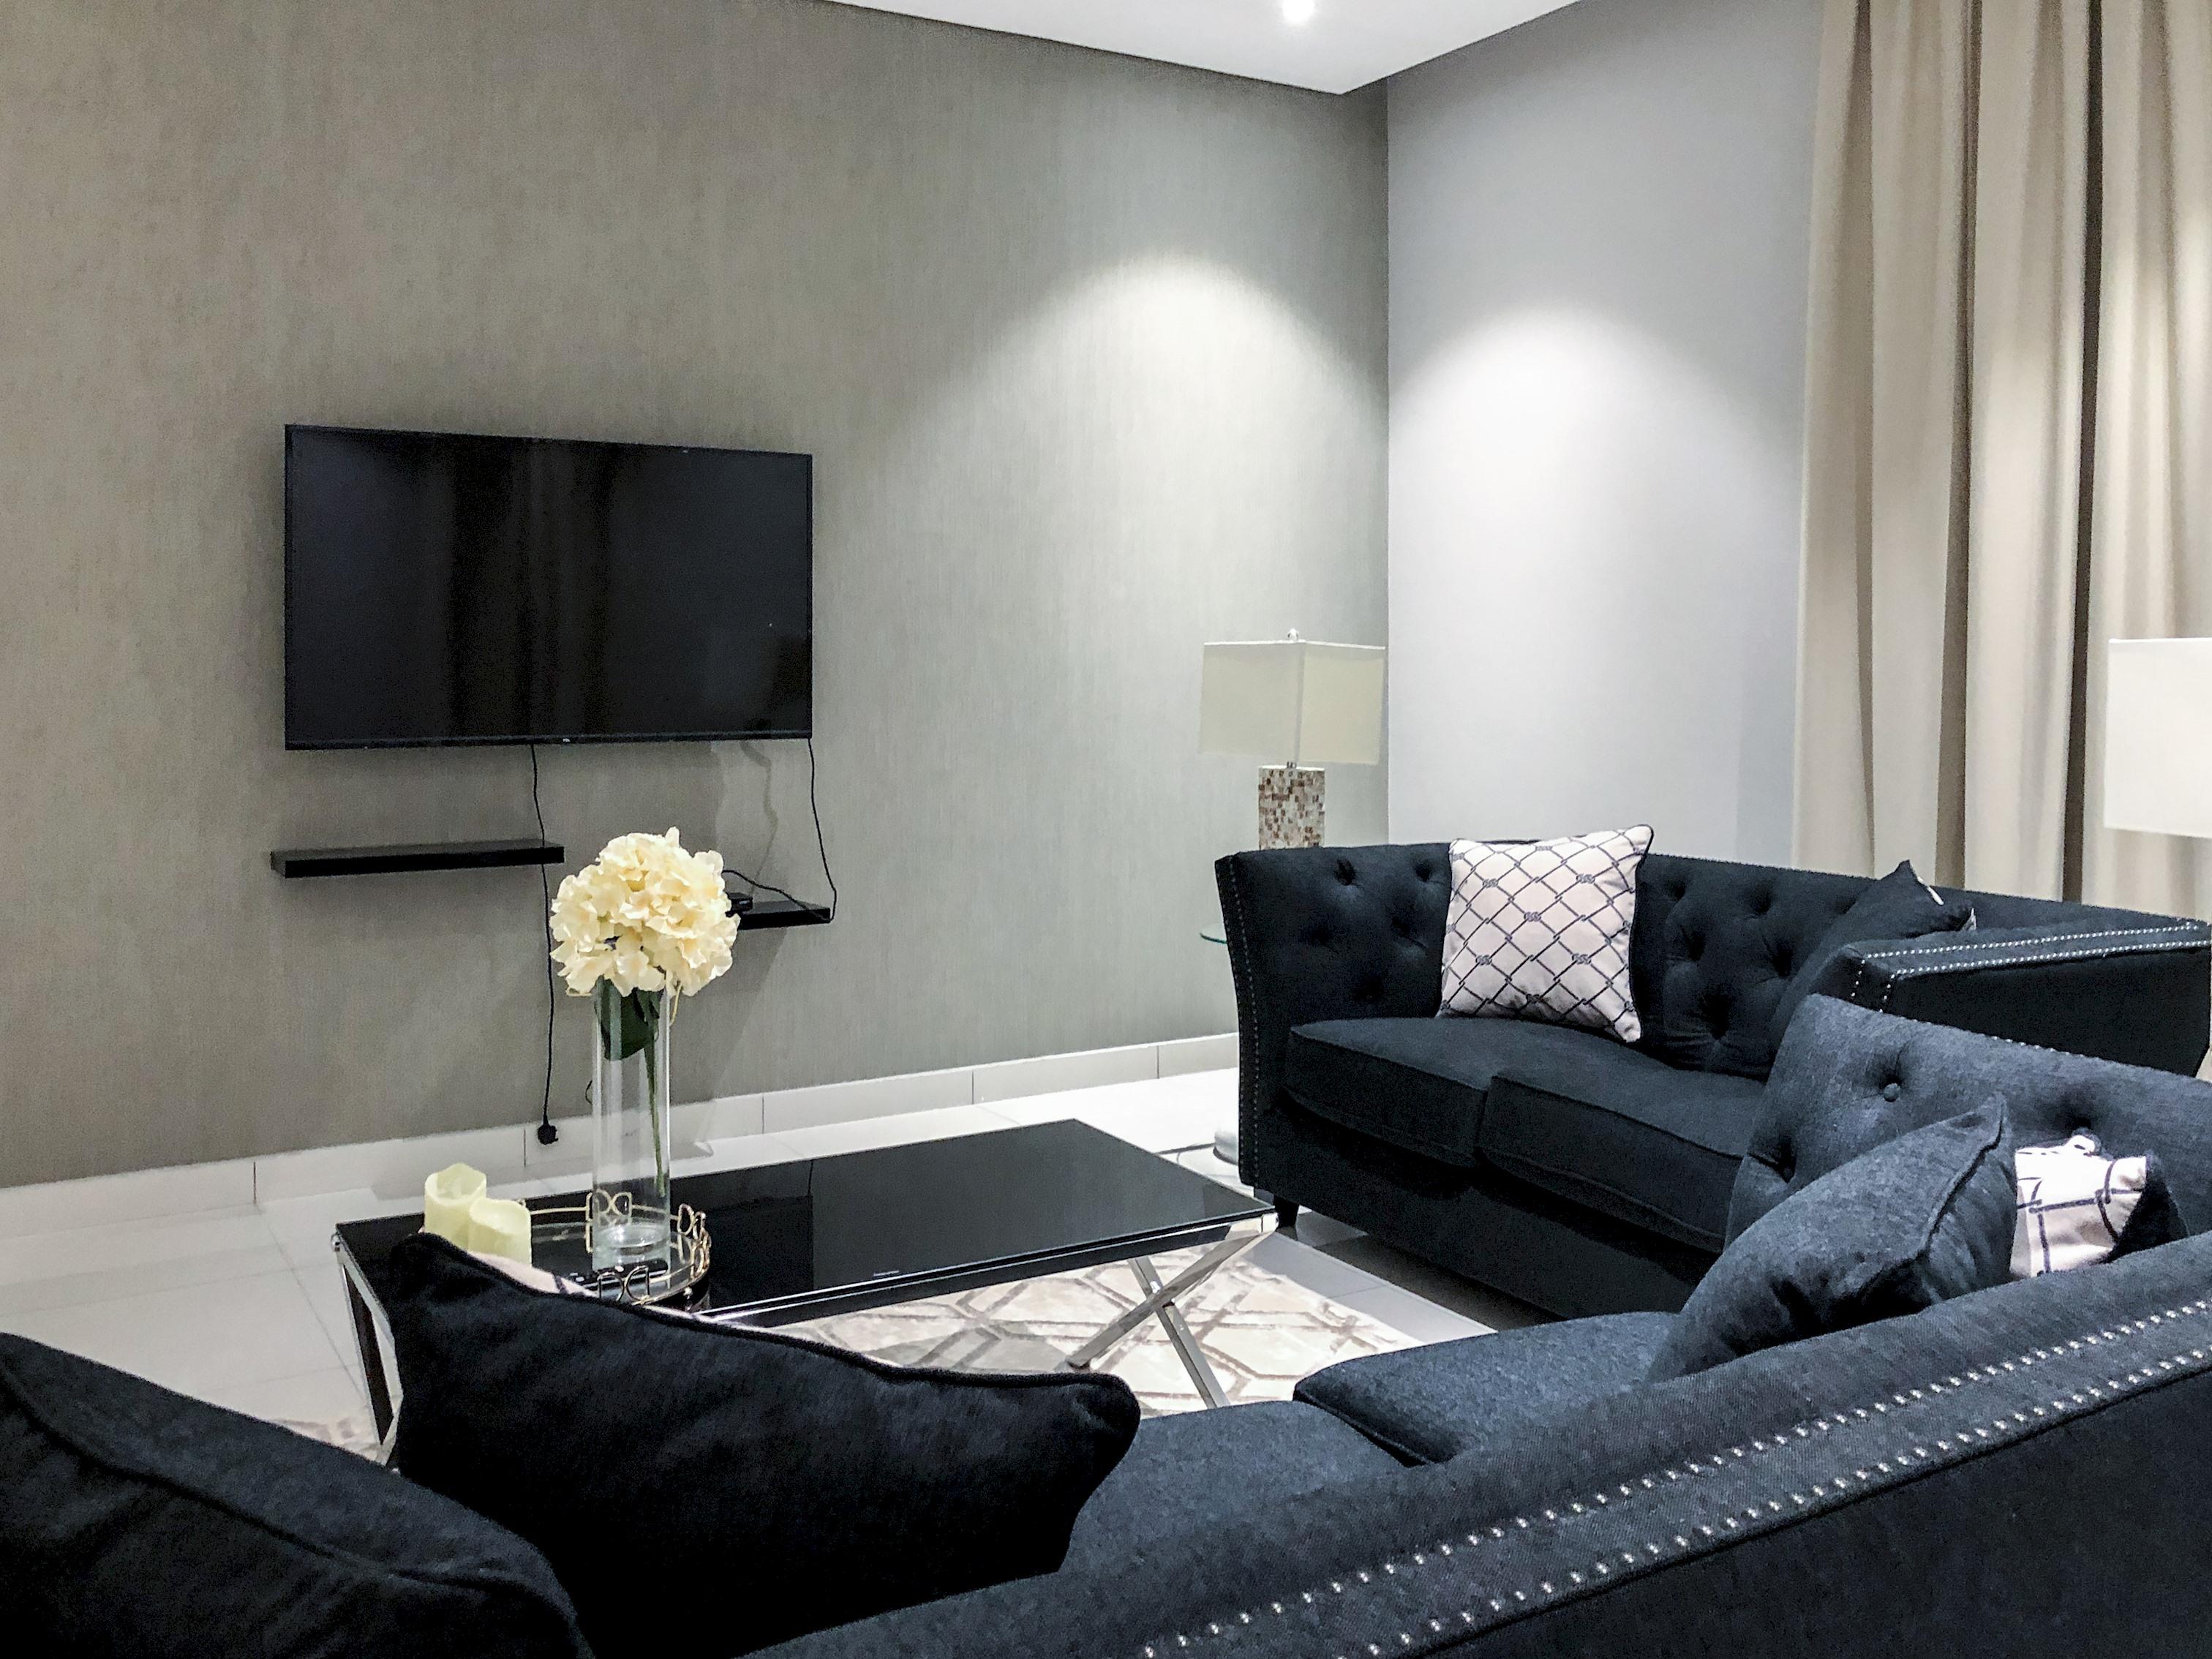 Apartment The Galleries Meydan Luxury - Dubai photo 27263511